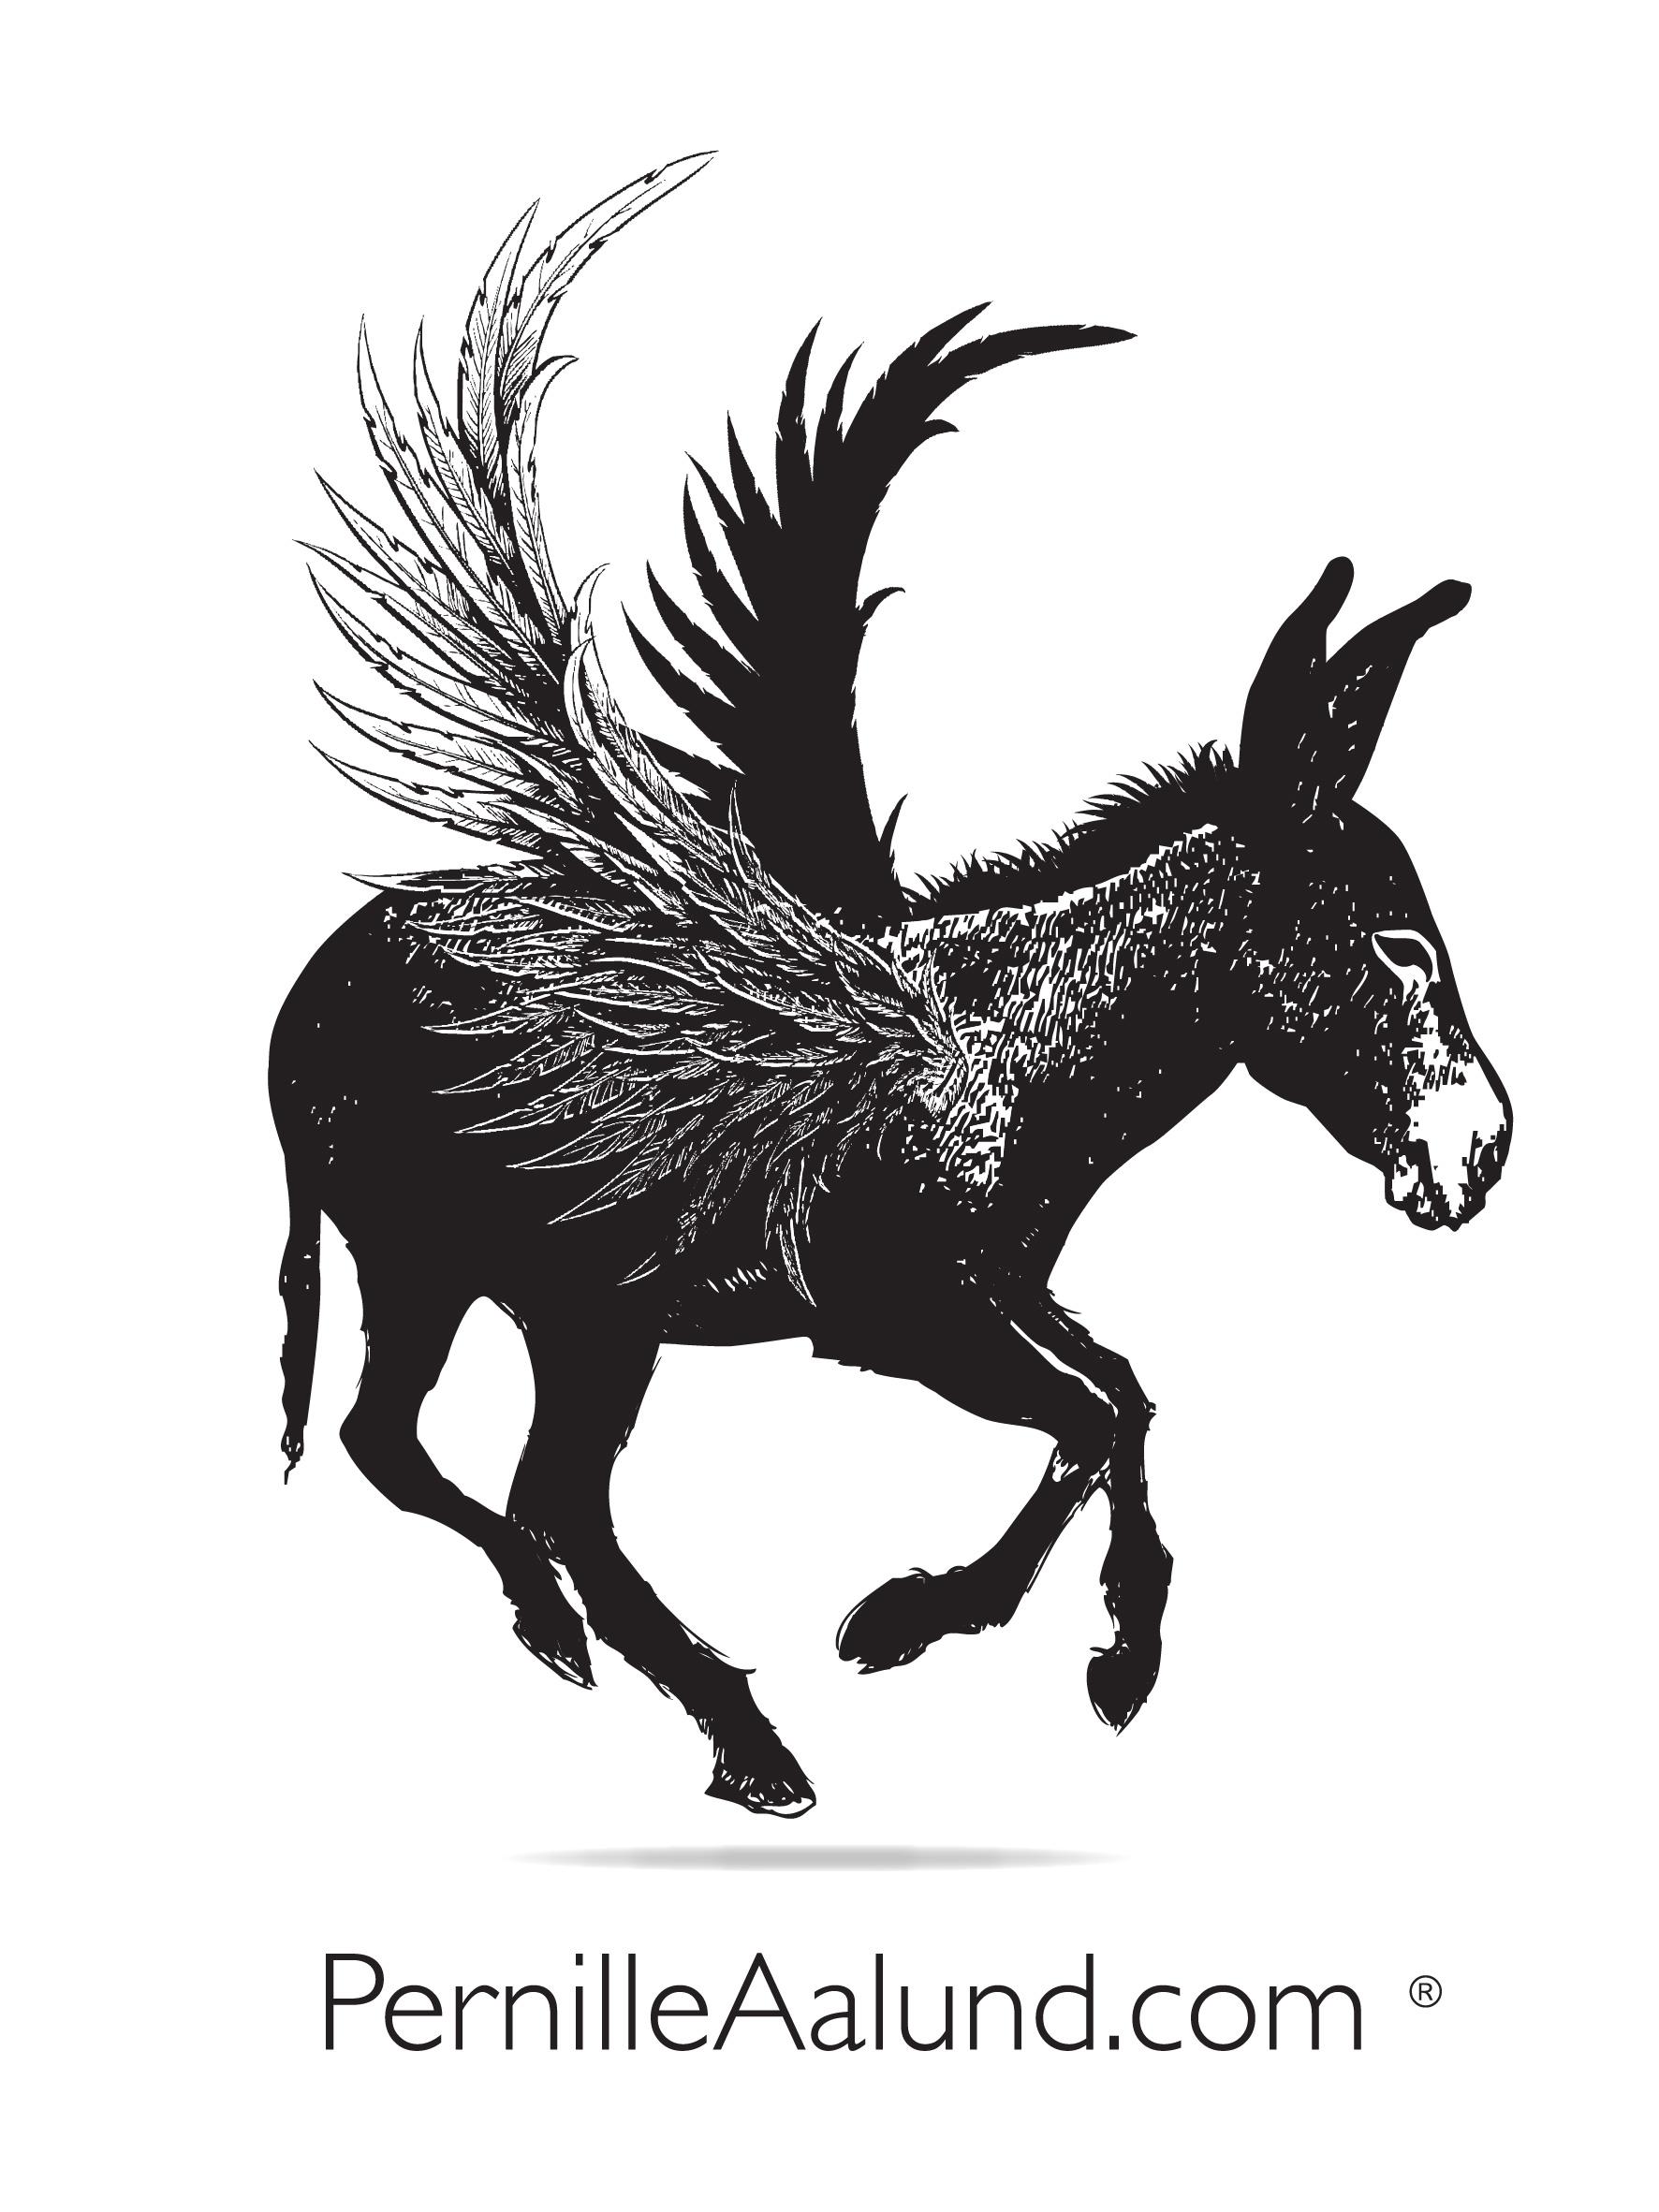 Donkey-PAA_BW_MT